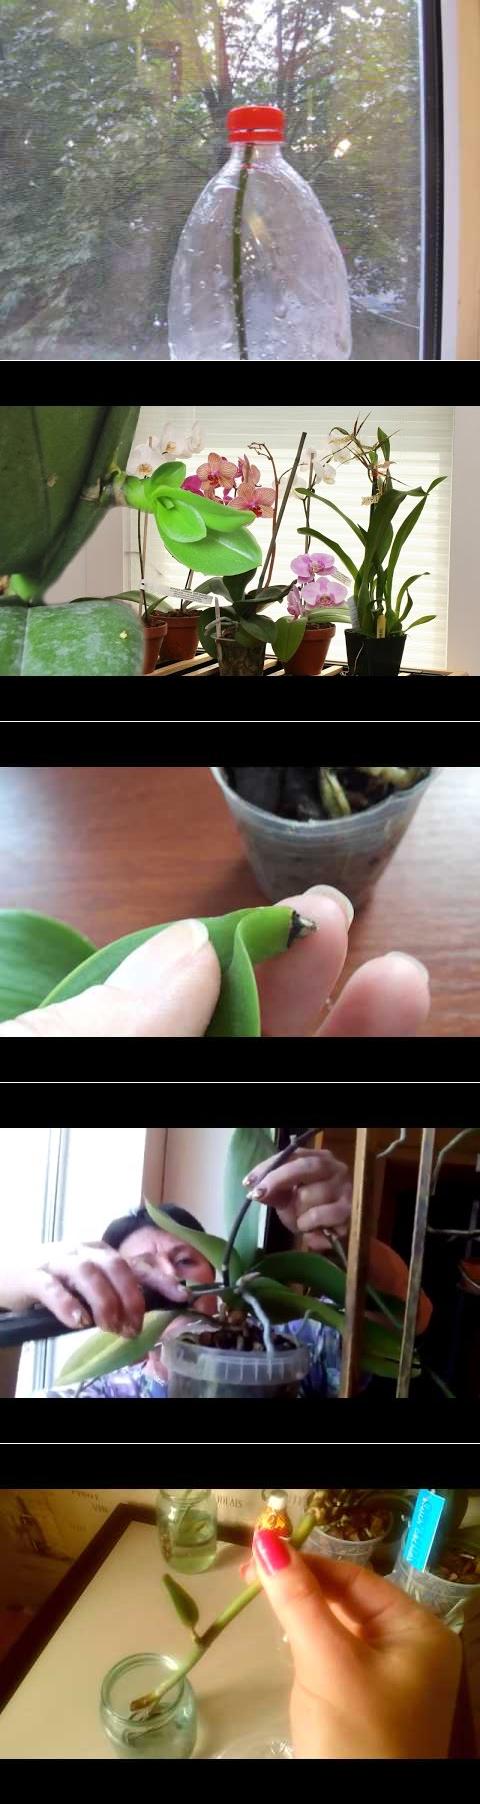 Способы размножения орхидей дома: как рассадить черенками, цветоносом, листом